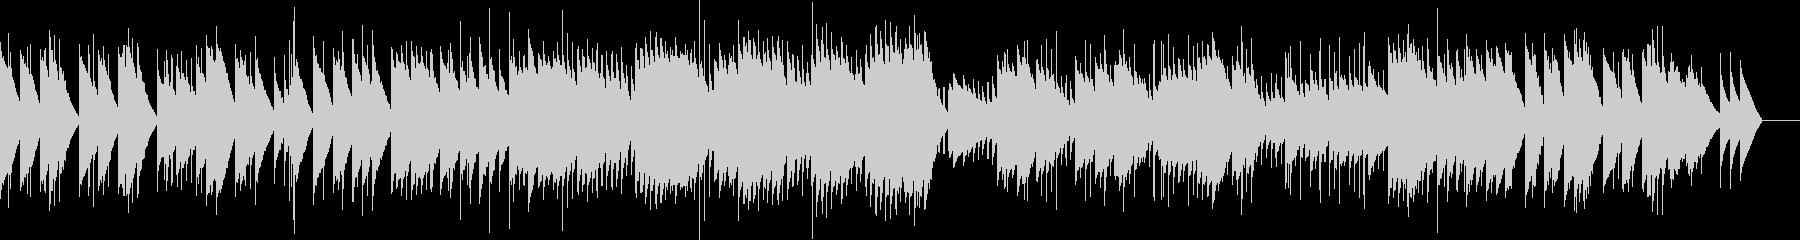 カルメン アルカラの竜騎兵(オルゴール)の未再生の波形